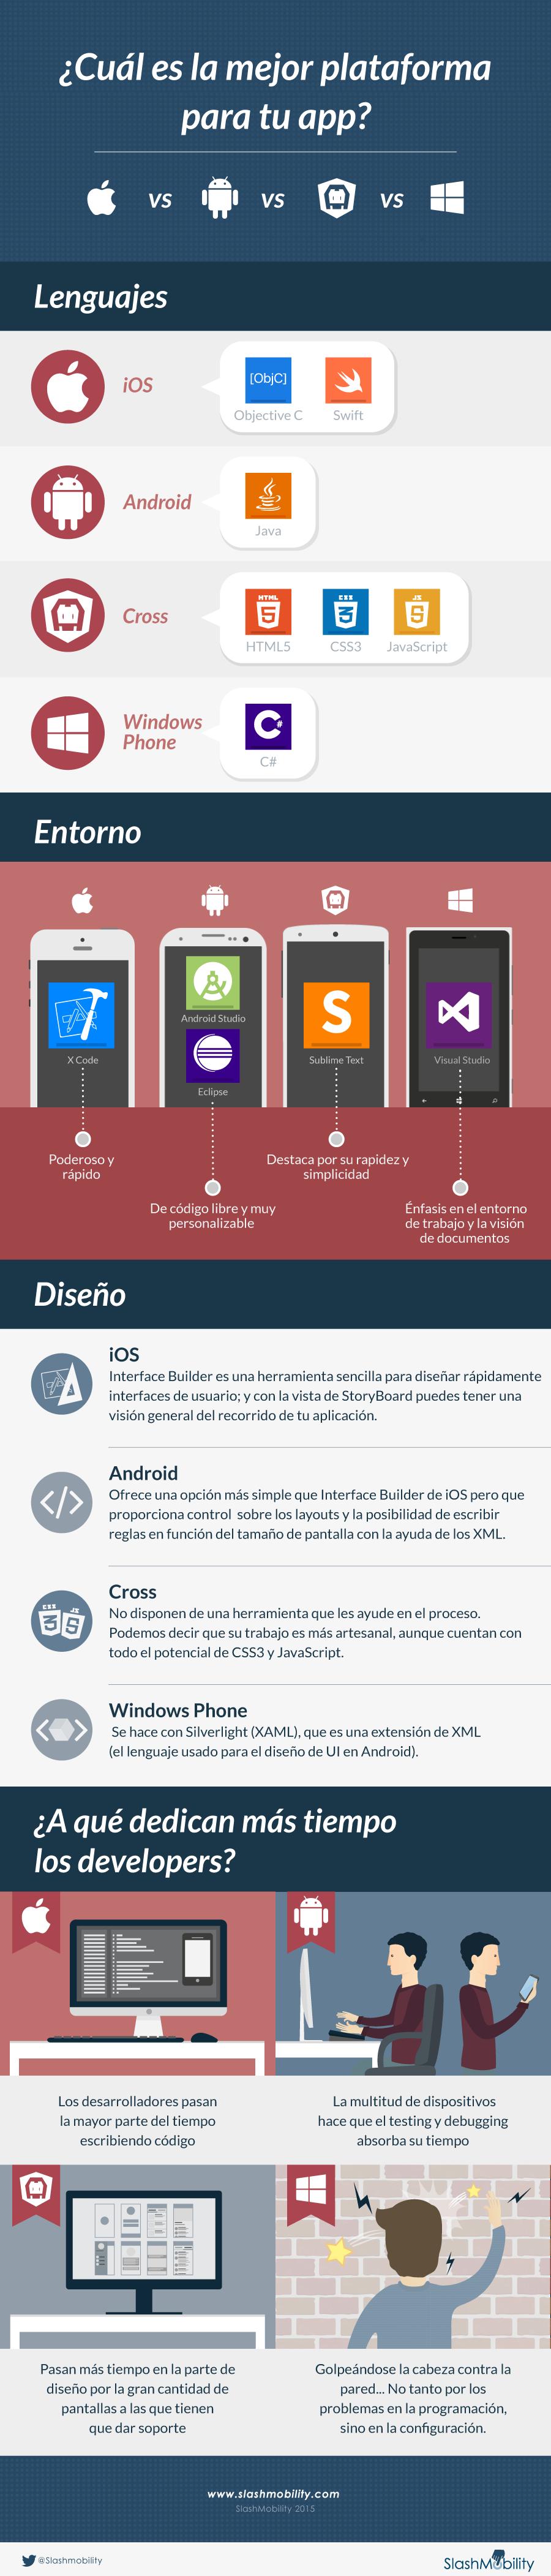 Desarrollo-de-apps_es